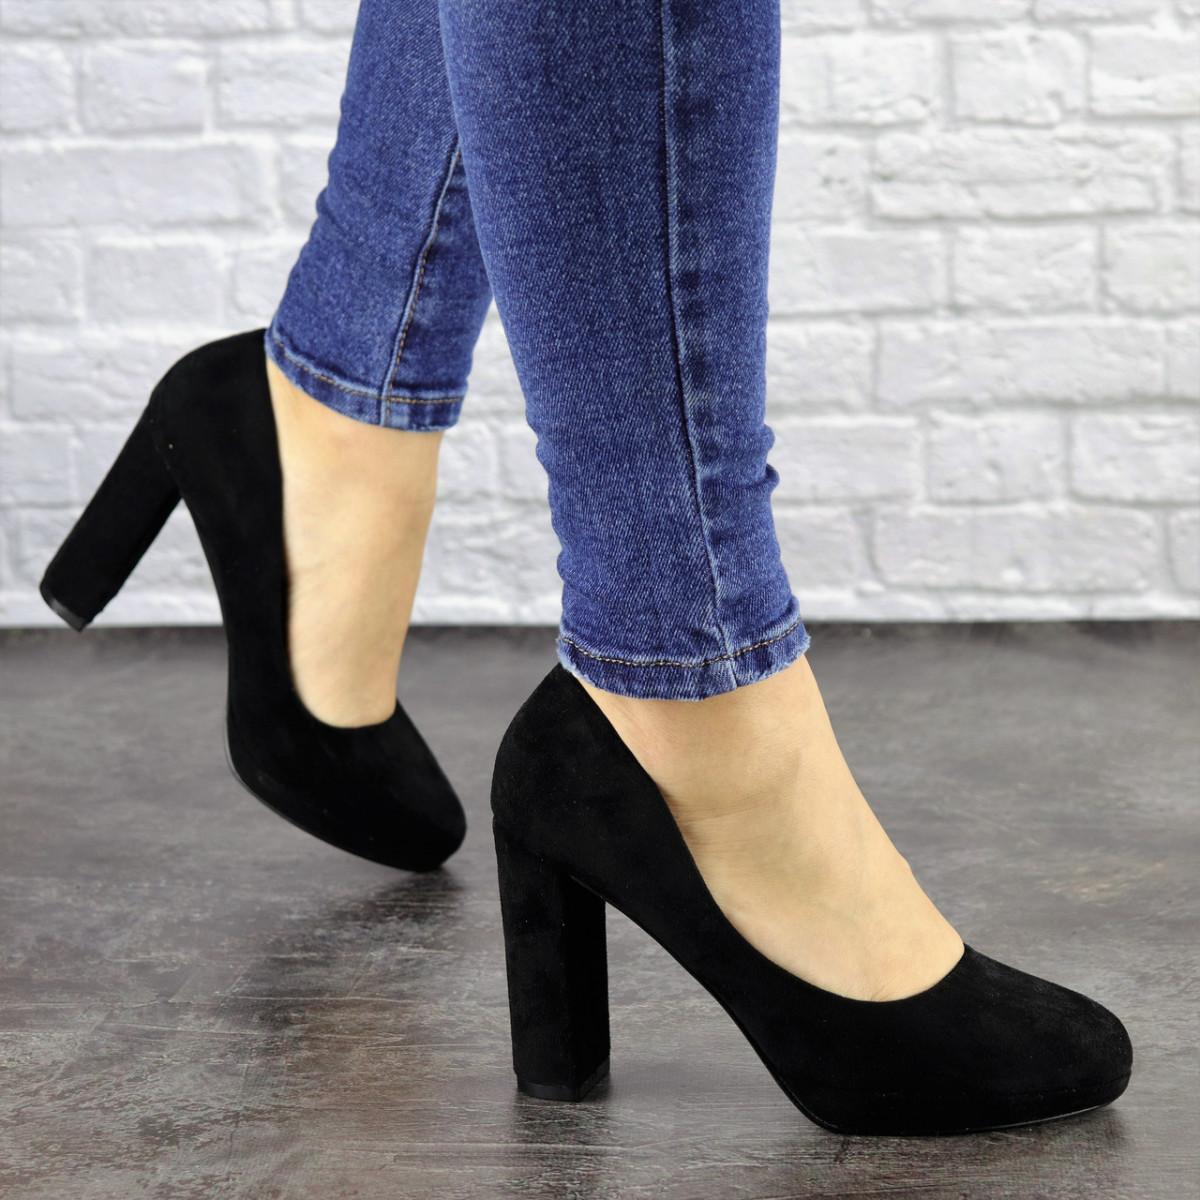 Туфли женские черные Nala на высоком каблуке 1492 (36 размер)